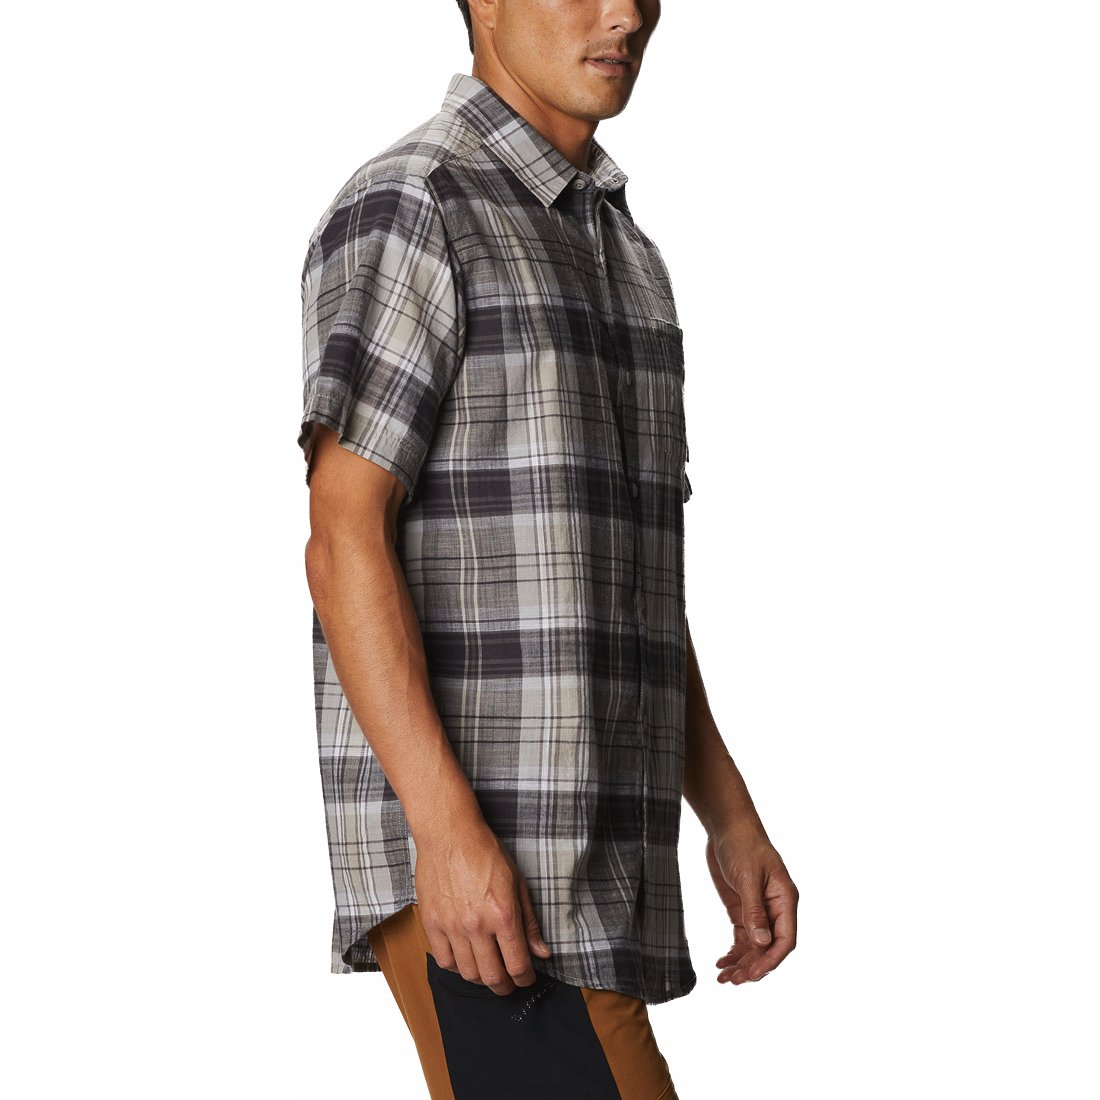 חולצה לגברי - Under Exposure S/S - Columbia